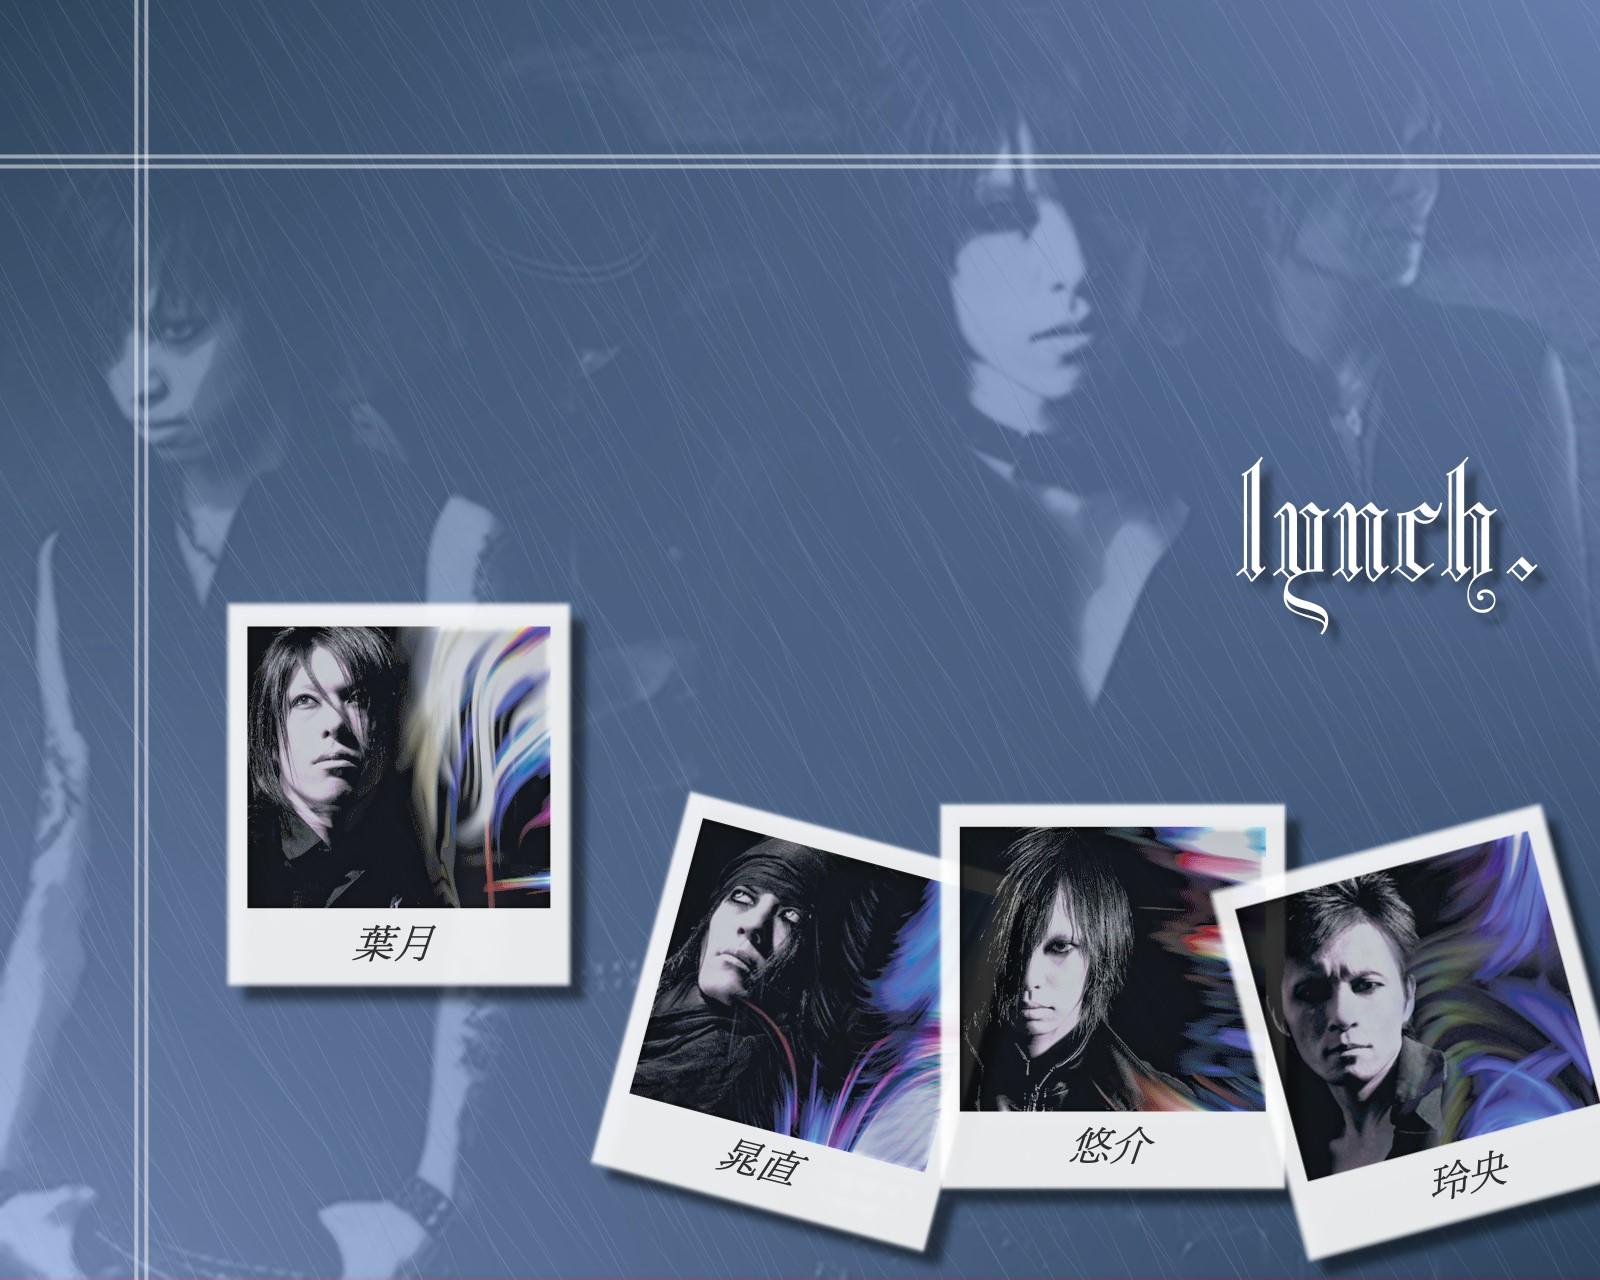 lynch_by_hirakumakimura.jpg